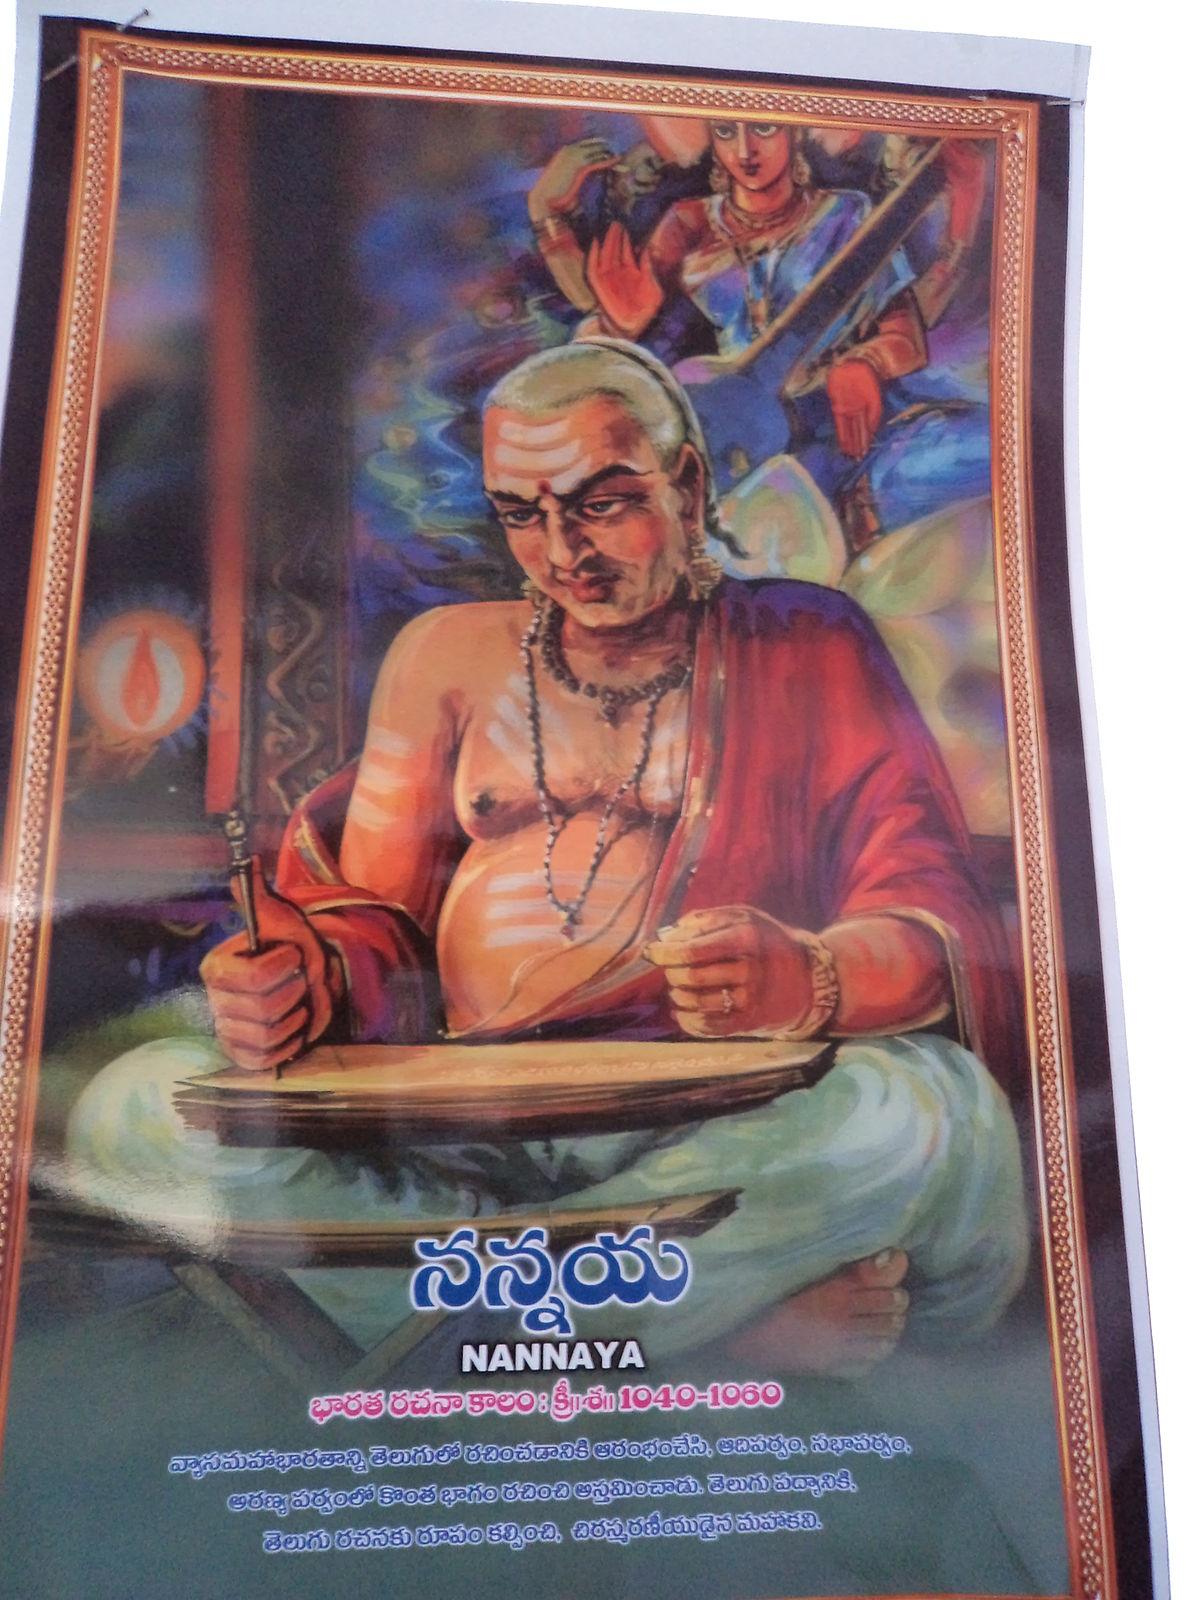 Nannayya - Wikipedia